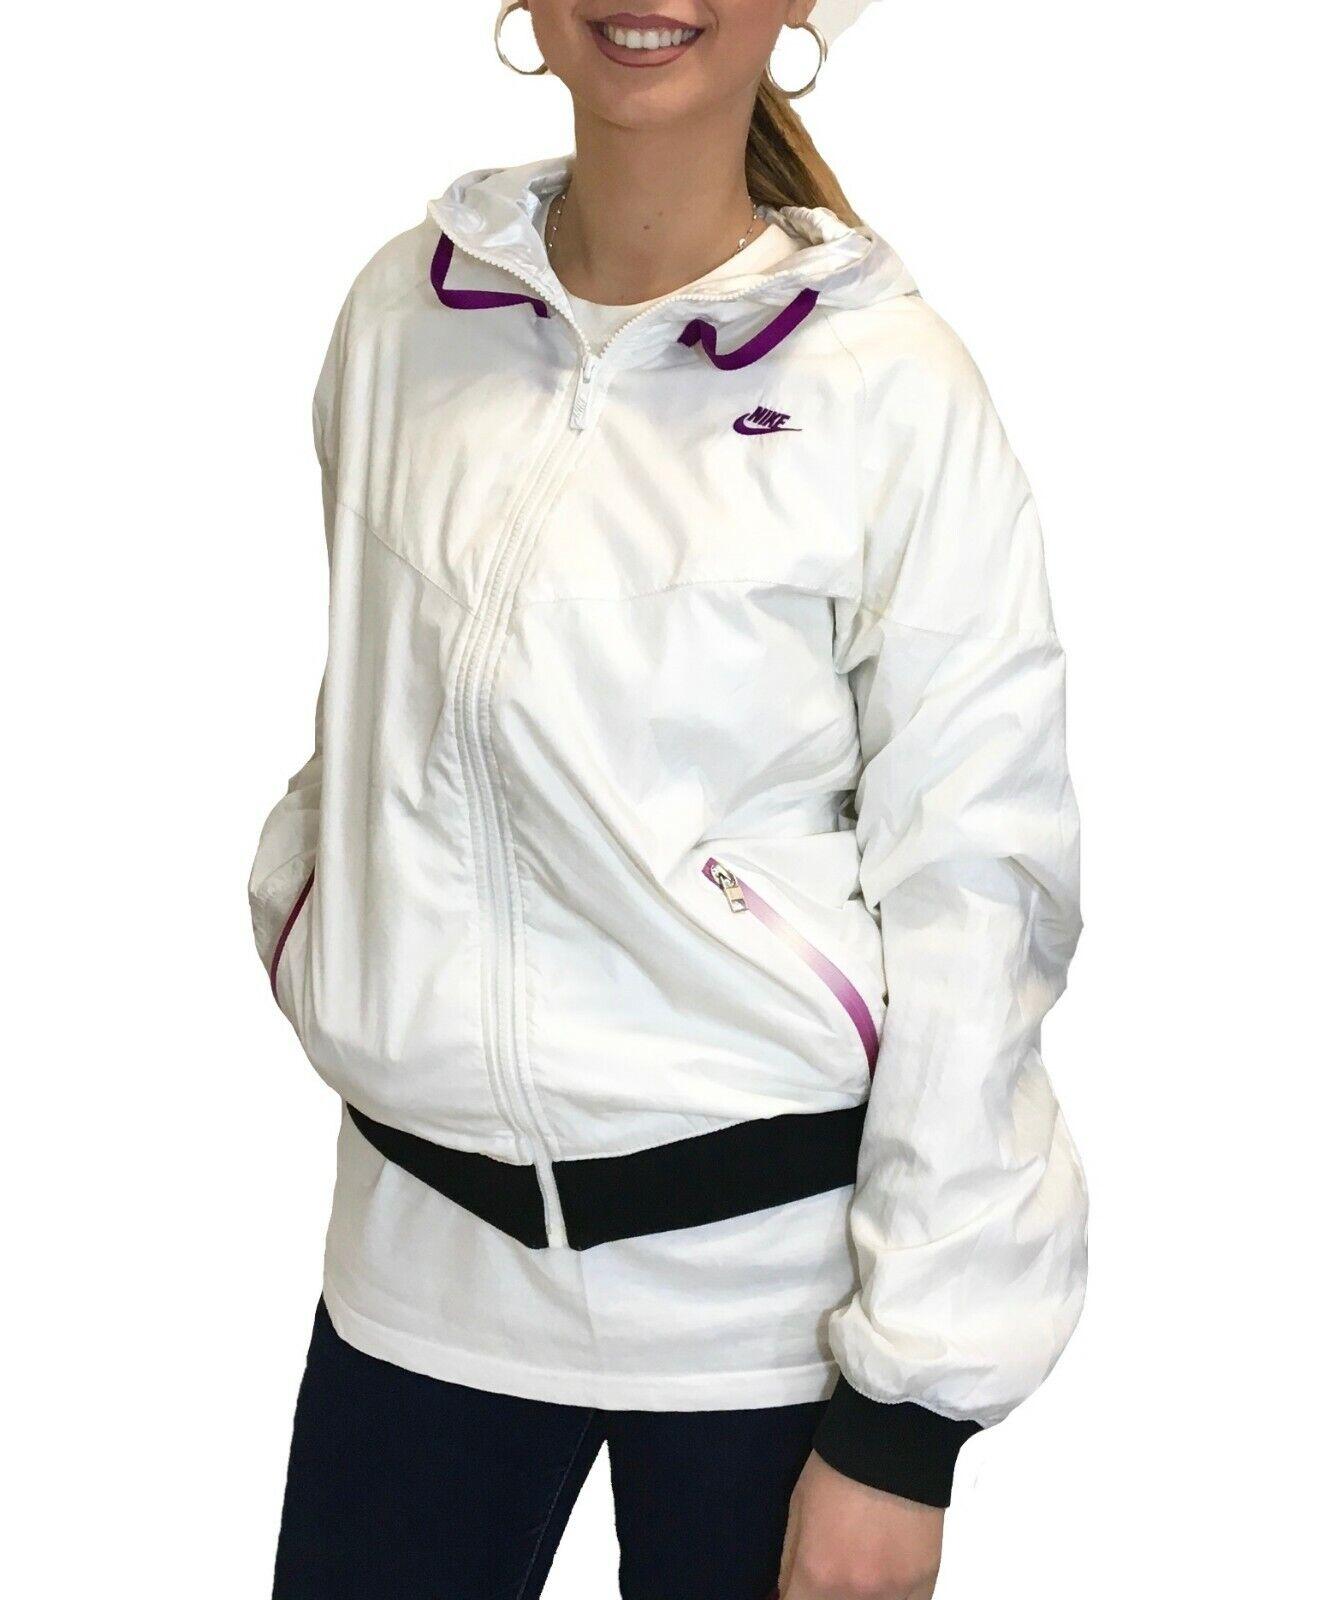 Giubbino Giacca NIKE NIKE NIKE Leggero Sport Casual Donna con Tasche Special Price 4094 c2ed63